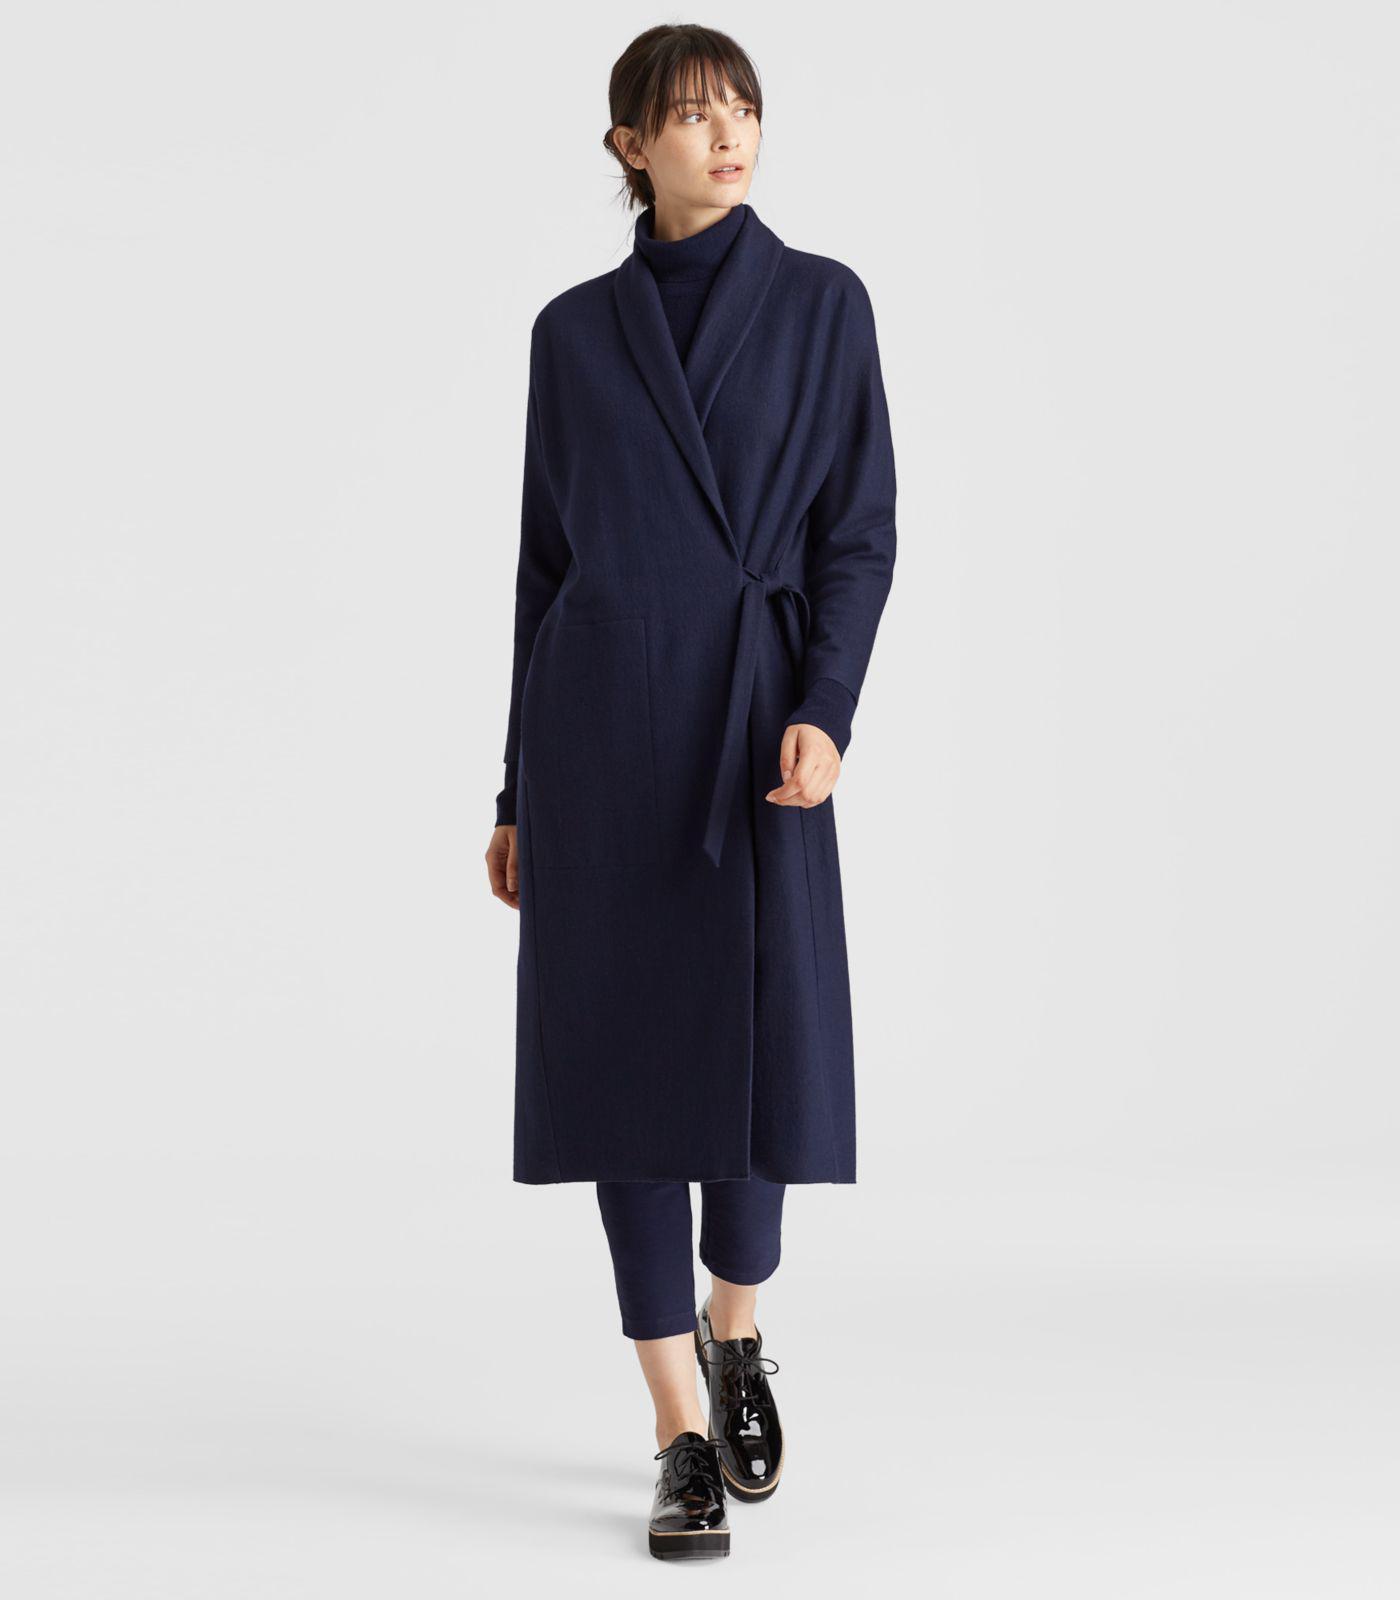 ac4c06801ac Lyst - Eileen Fisher Boiled Wool Jersey Kimono Jacket in Blue